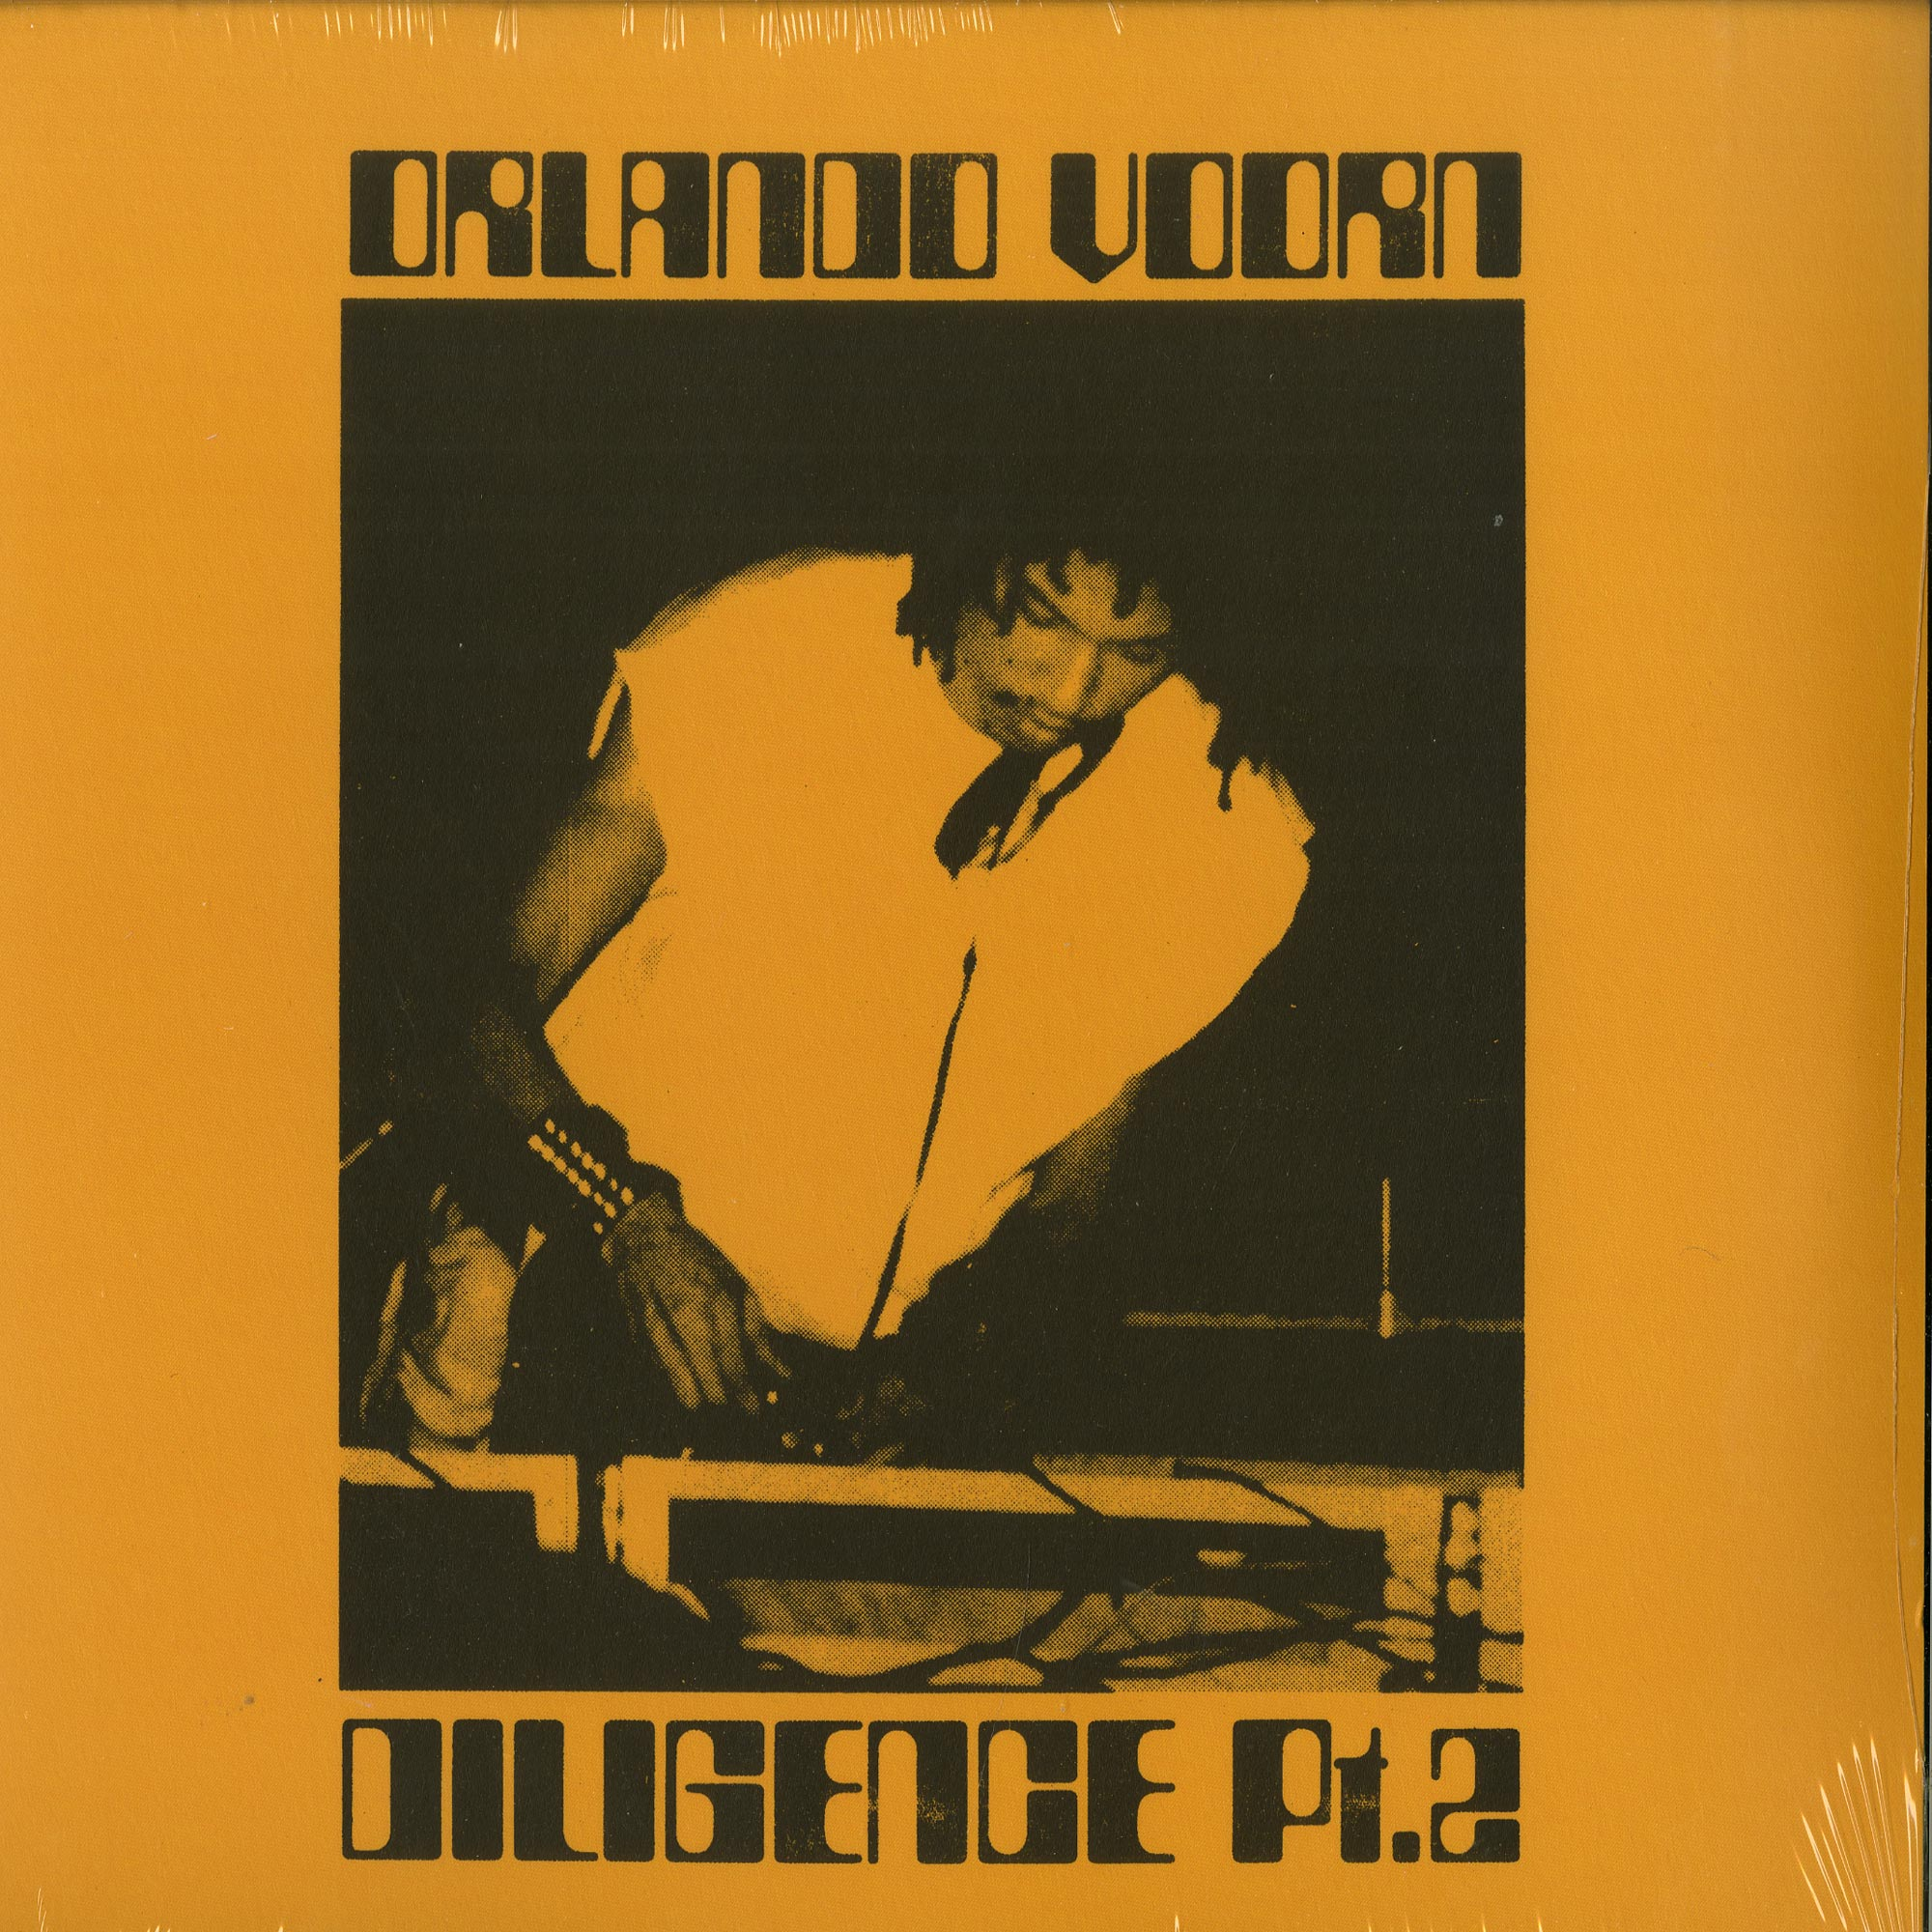 Orlando Voorn - DILIGENCE PT2